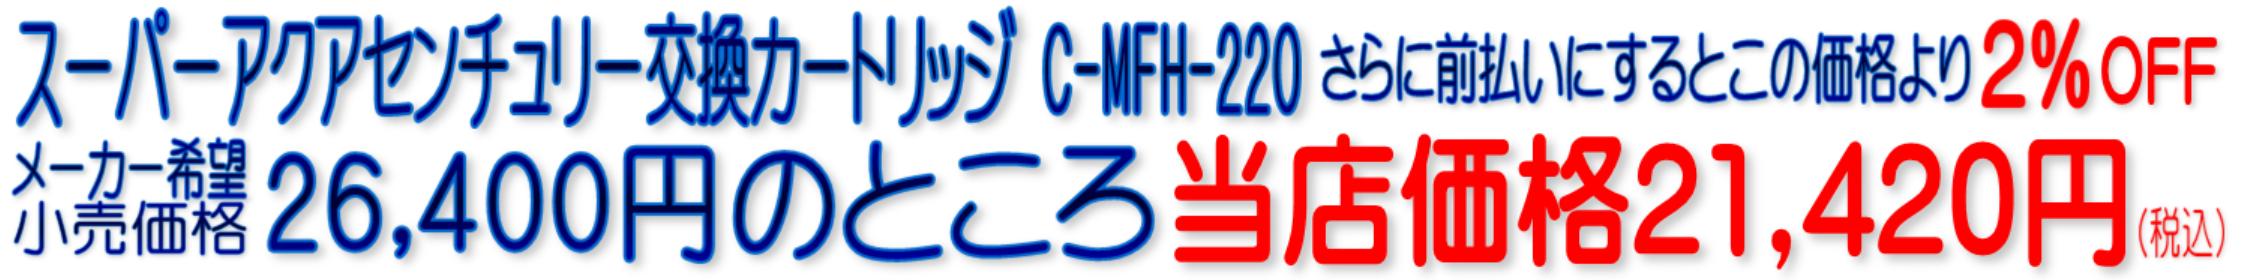 C-CMH-220